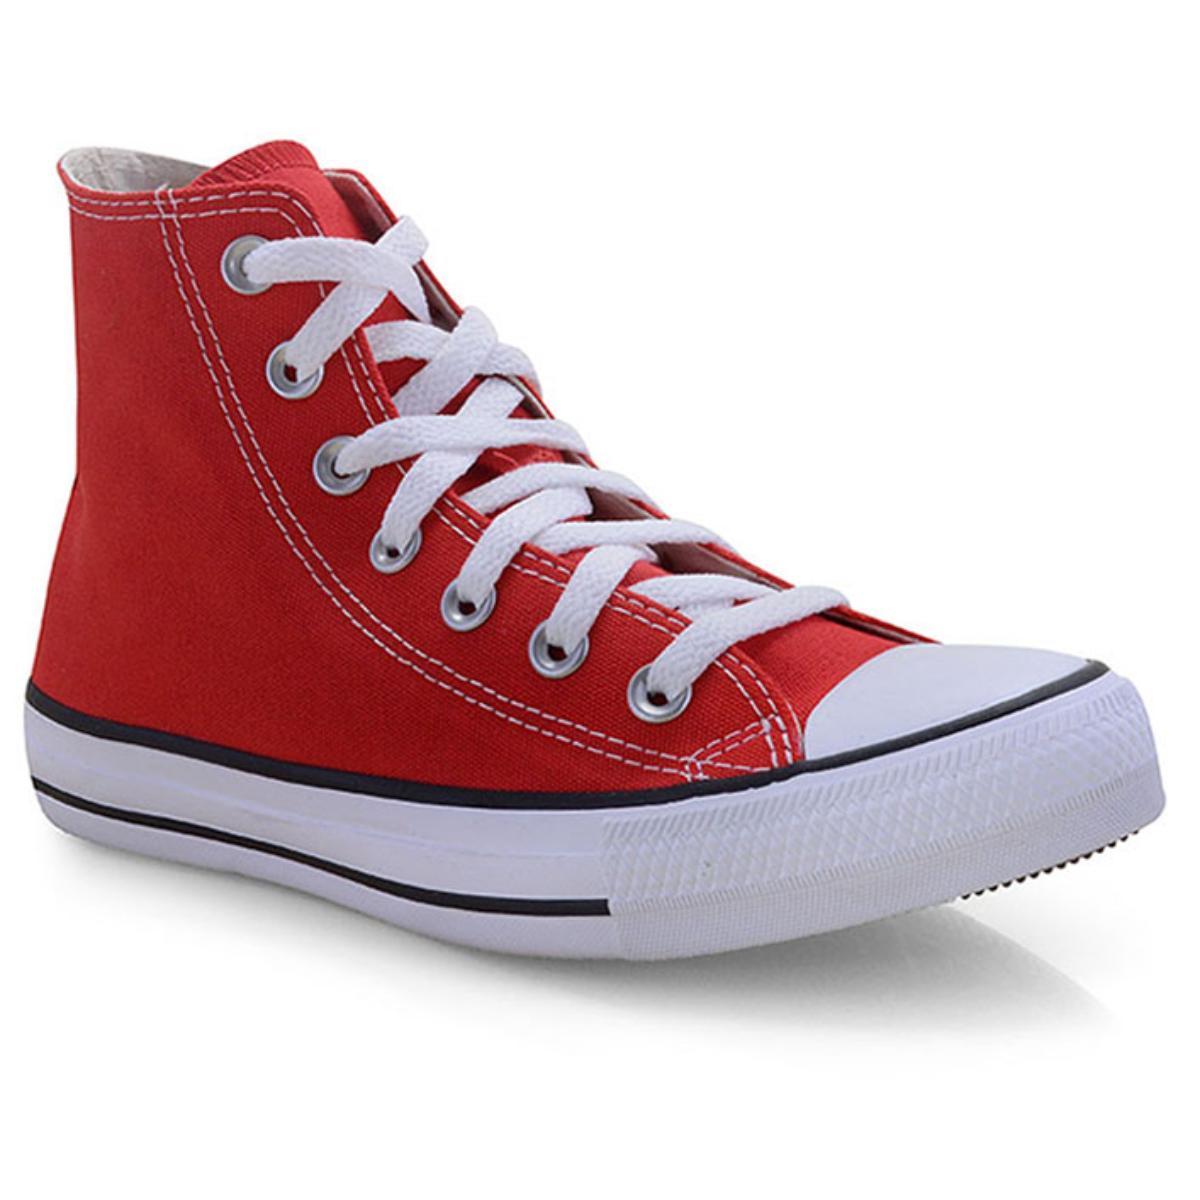 Tênis Unisex All Star Ct00040004 Vermelho/cru/preto